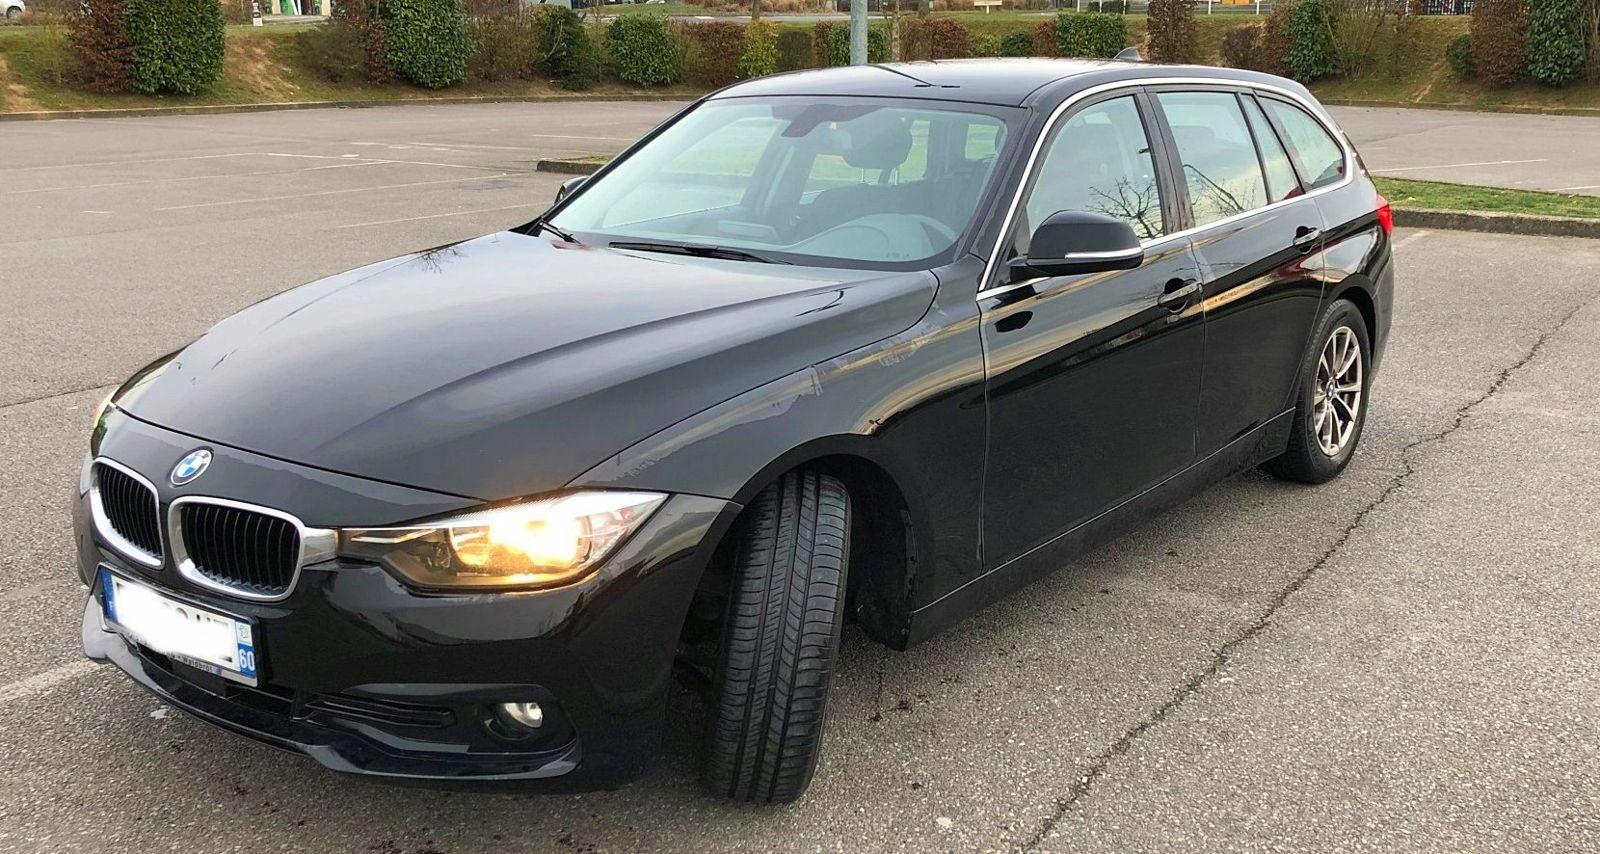 Vends BMW 320d 190cv Efficiant Dynamic, très bon état - 2016, 126100km